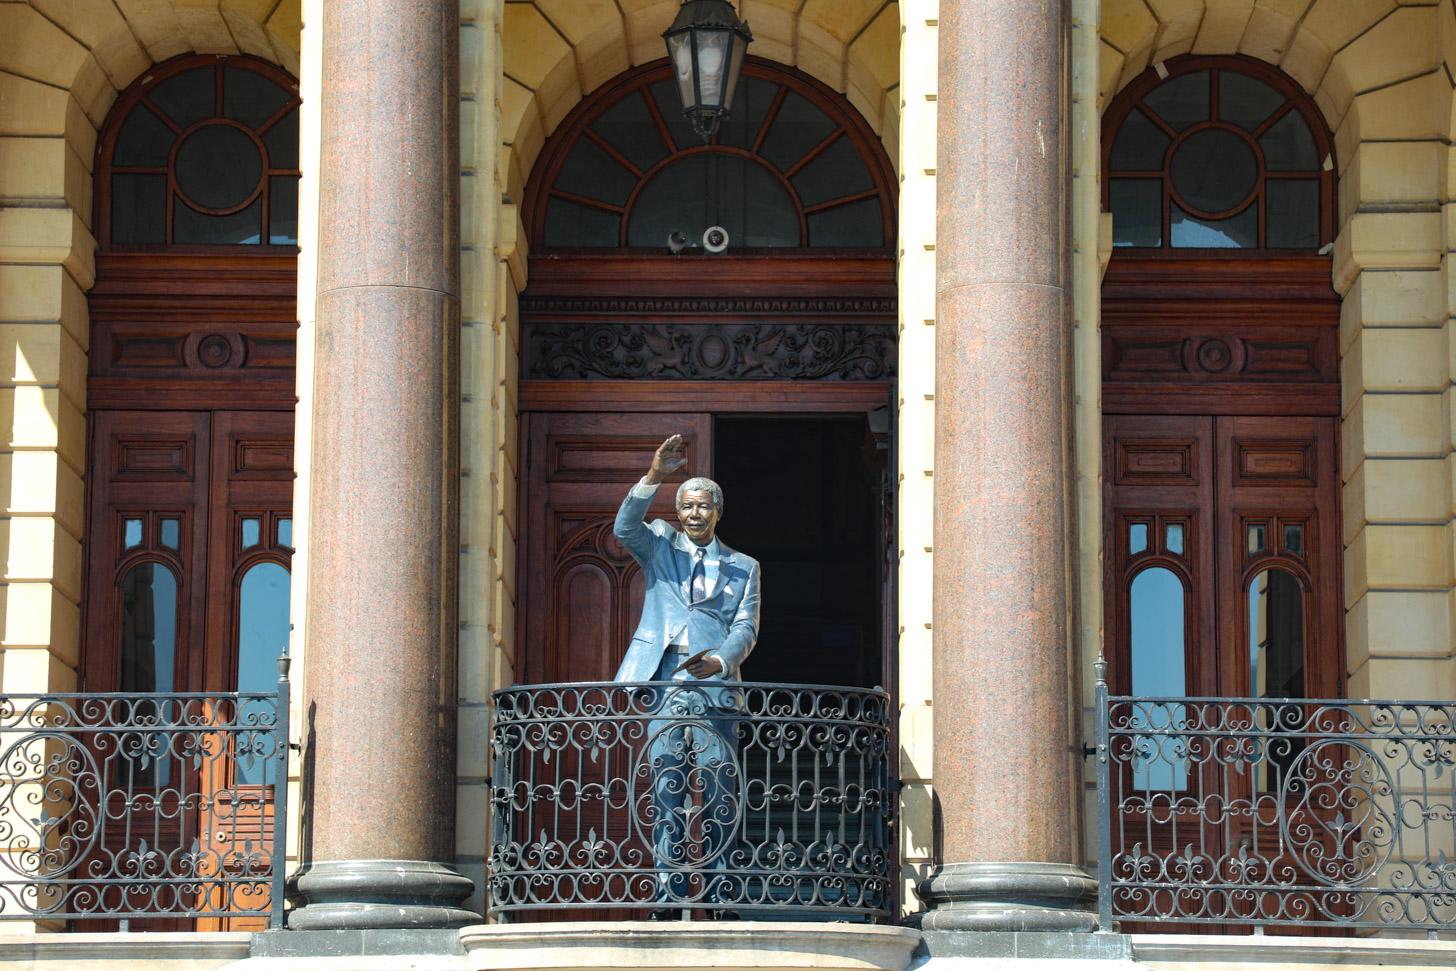 Standbeeld van Nelson Mandela op het balkon van het stadhuis